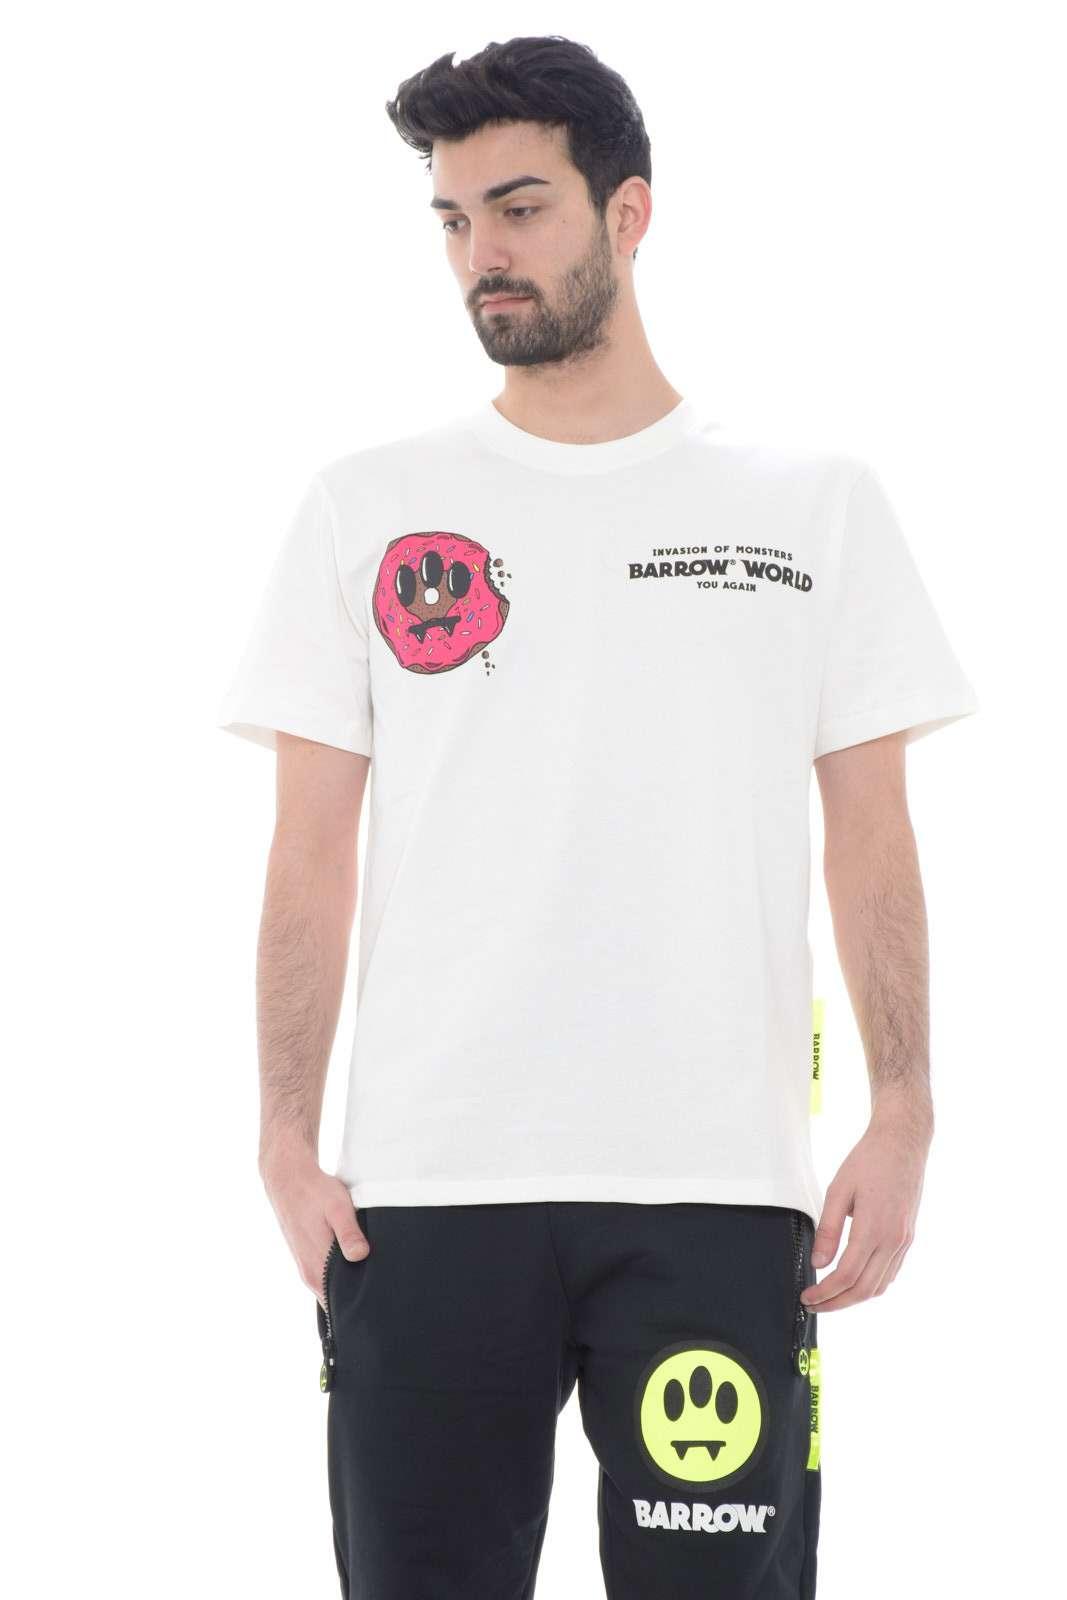 Attuale e divertente la t shirt firmata Barrow, per l'uomo che ama vestire con capi sempre di tendenza. Ideale da indossare com jeans, bermuda o pantaloni felpati, per look casual e iconici, adatti ad ogni eventualità, con un tocco di stile urban che non guasta mai.